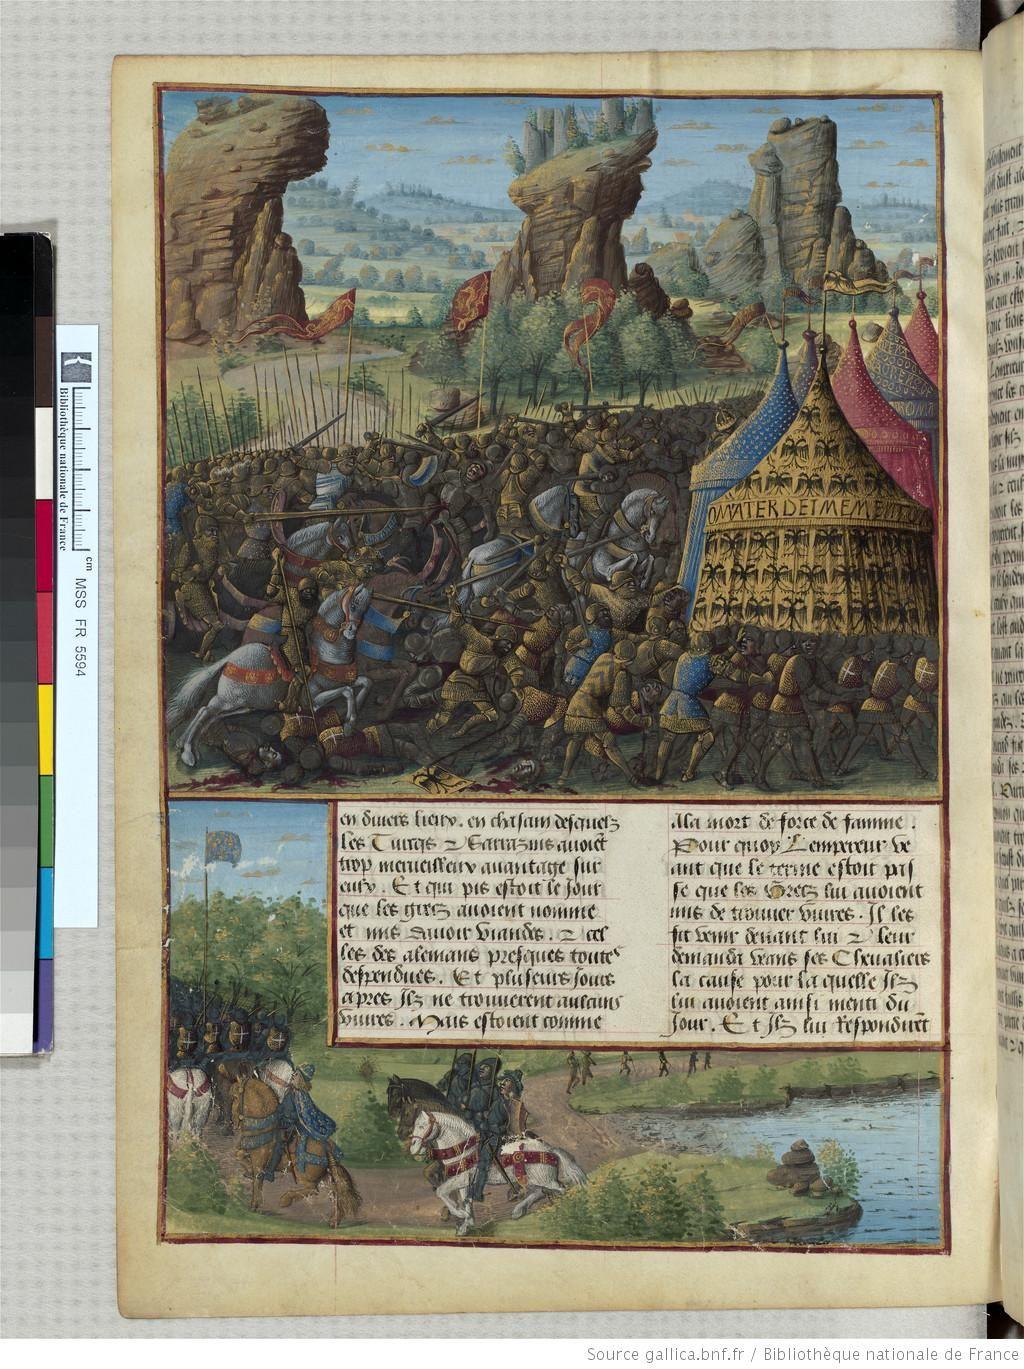 « Passages faiz oultre mer par les François contre les Turcqs et autres Sarrazins et Mores oultre marins », traité commencé à être rédigé à Troyes, « le jeudi XIIIIe jour de janvier » 1473, par l'ordre de « Loys de Laval, seigneur de Chastillon en Vendelois et de Gael, lieutenant general du roy Loys l'onziesme... gouverneur de Champaigne... par... SEBASTIEN MAMEROT de Soissons, chantre et chanoine de l'eglise monseigneur Saint Estienne de Troyes » et chapelain de Louis de Laval.